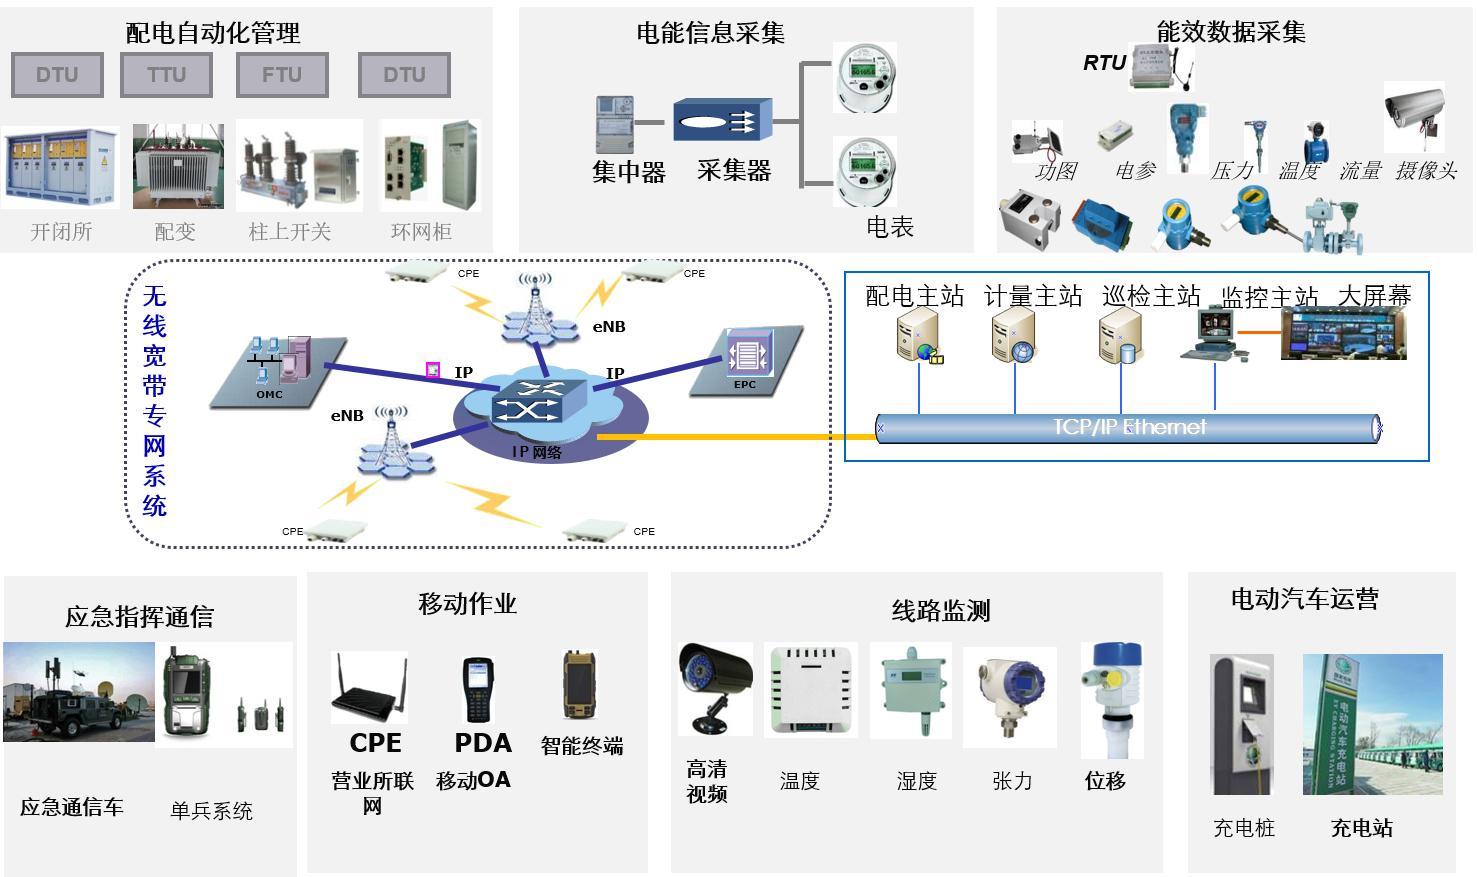 特点: l 配电线路:光传输网铺设至重要变电站,其他变电站通过cpe 无线